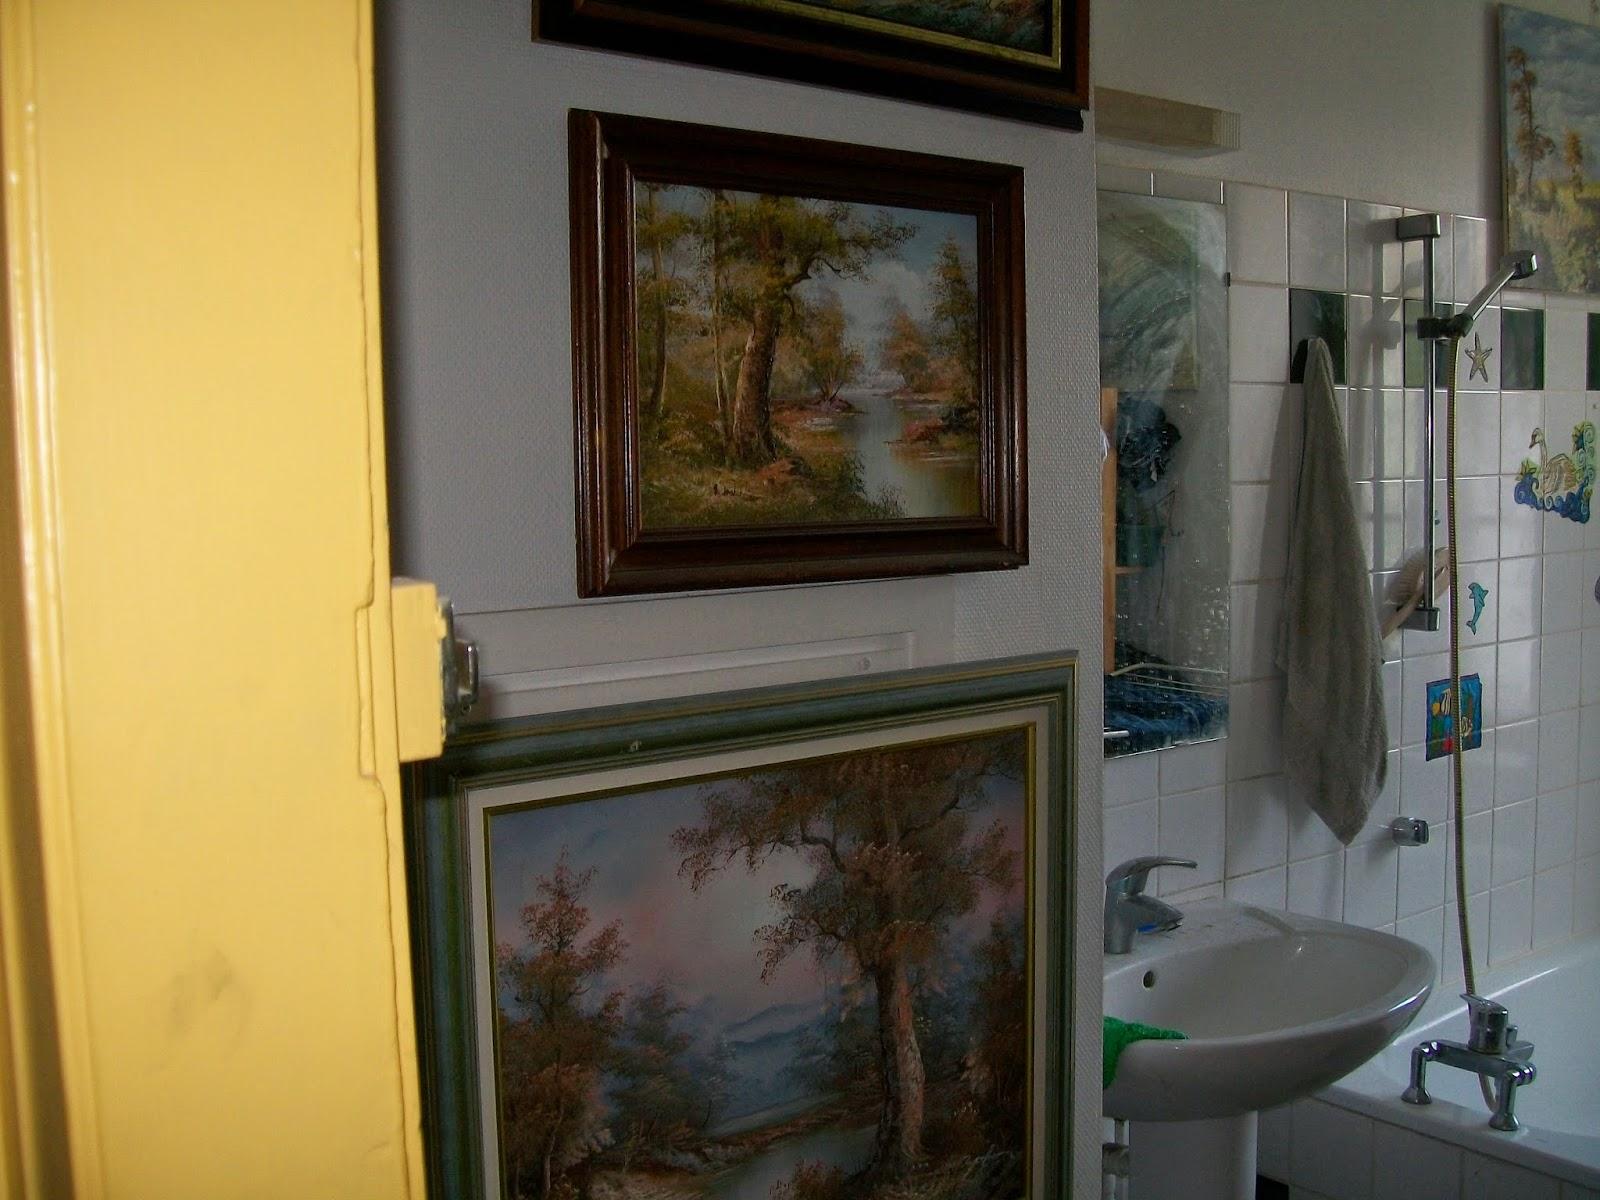 Tableau Salle De Bain calogilou le champi-tableaux -peintures -hst-: appartement